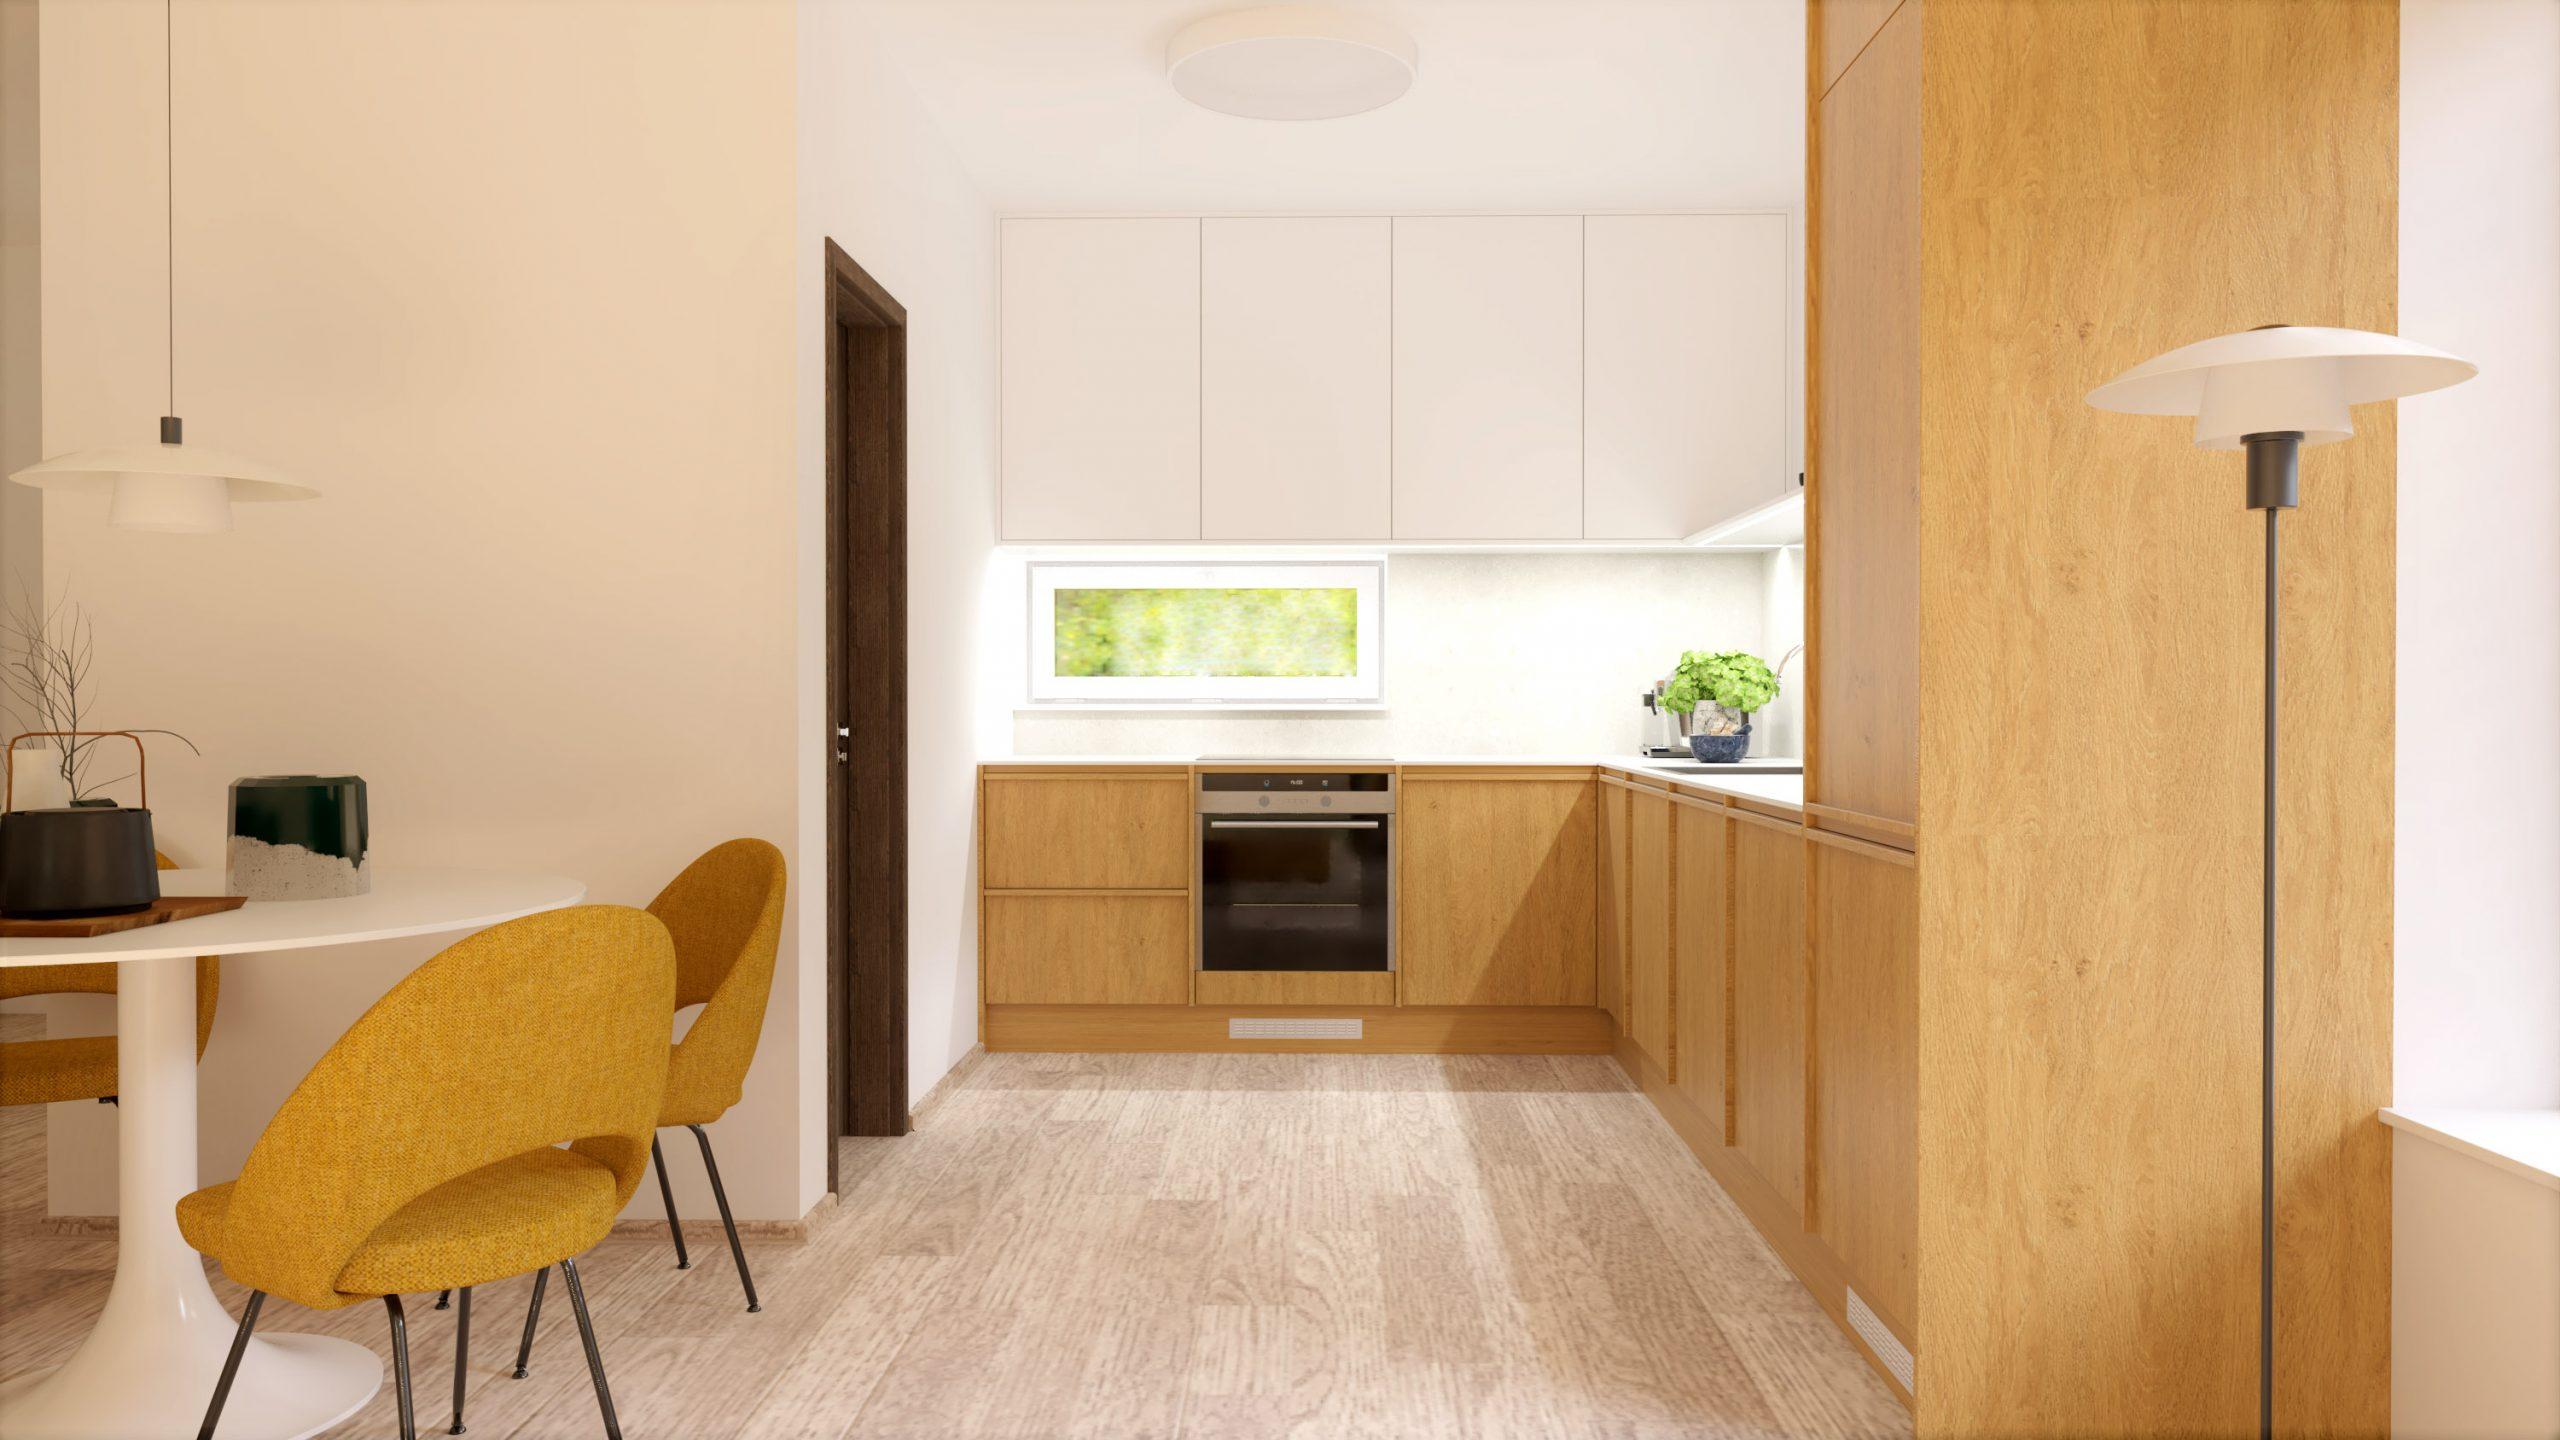 Návrh interiéru obývacej izby a kuchynskej linky na mieru do rodinného domu - Zamarovce